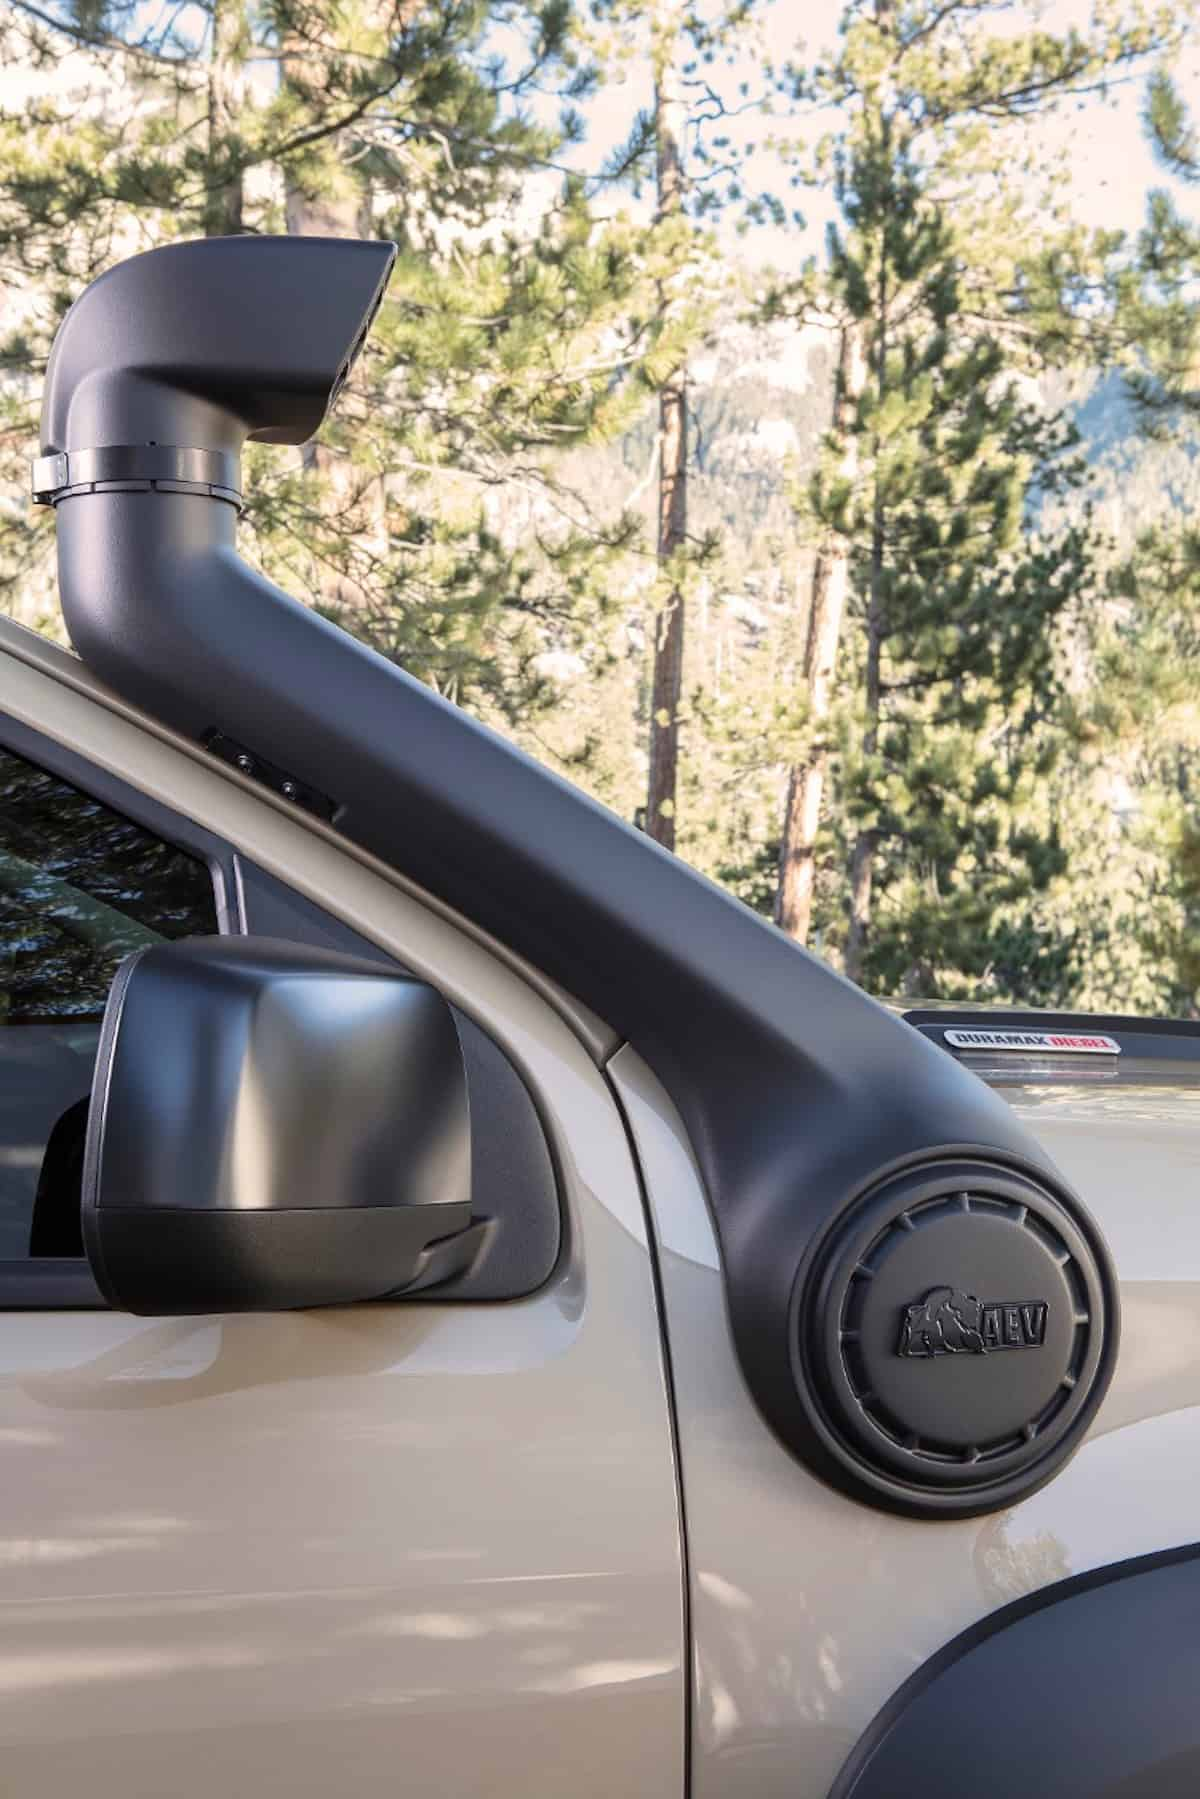 Colorado ZR2 AEV Concept sema 2017 snorket